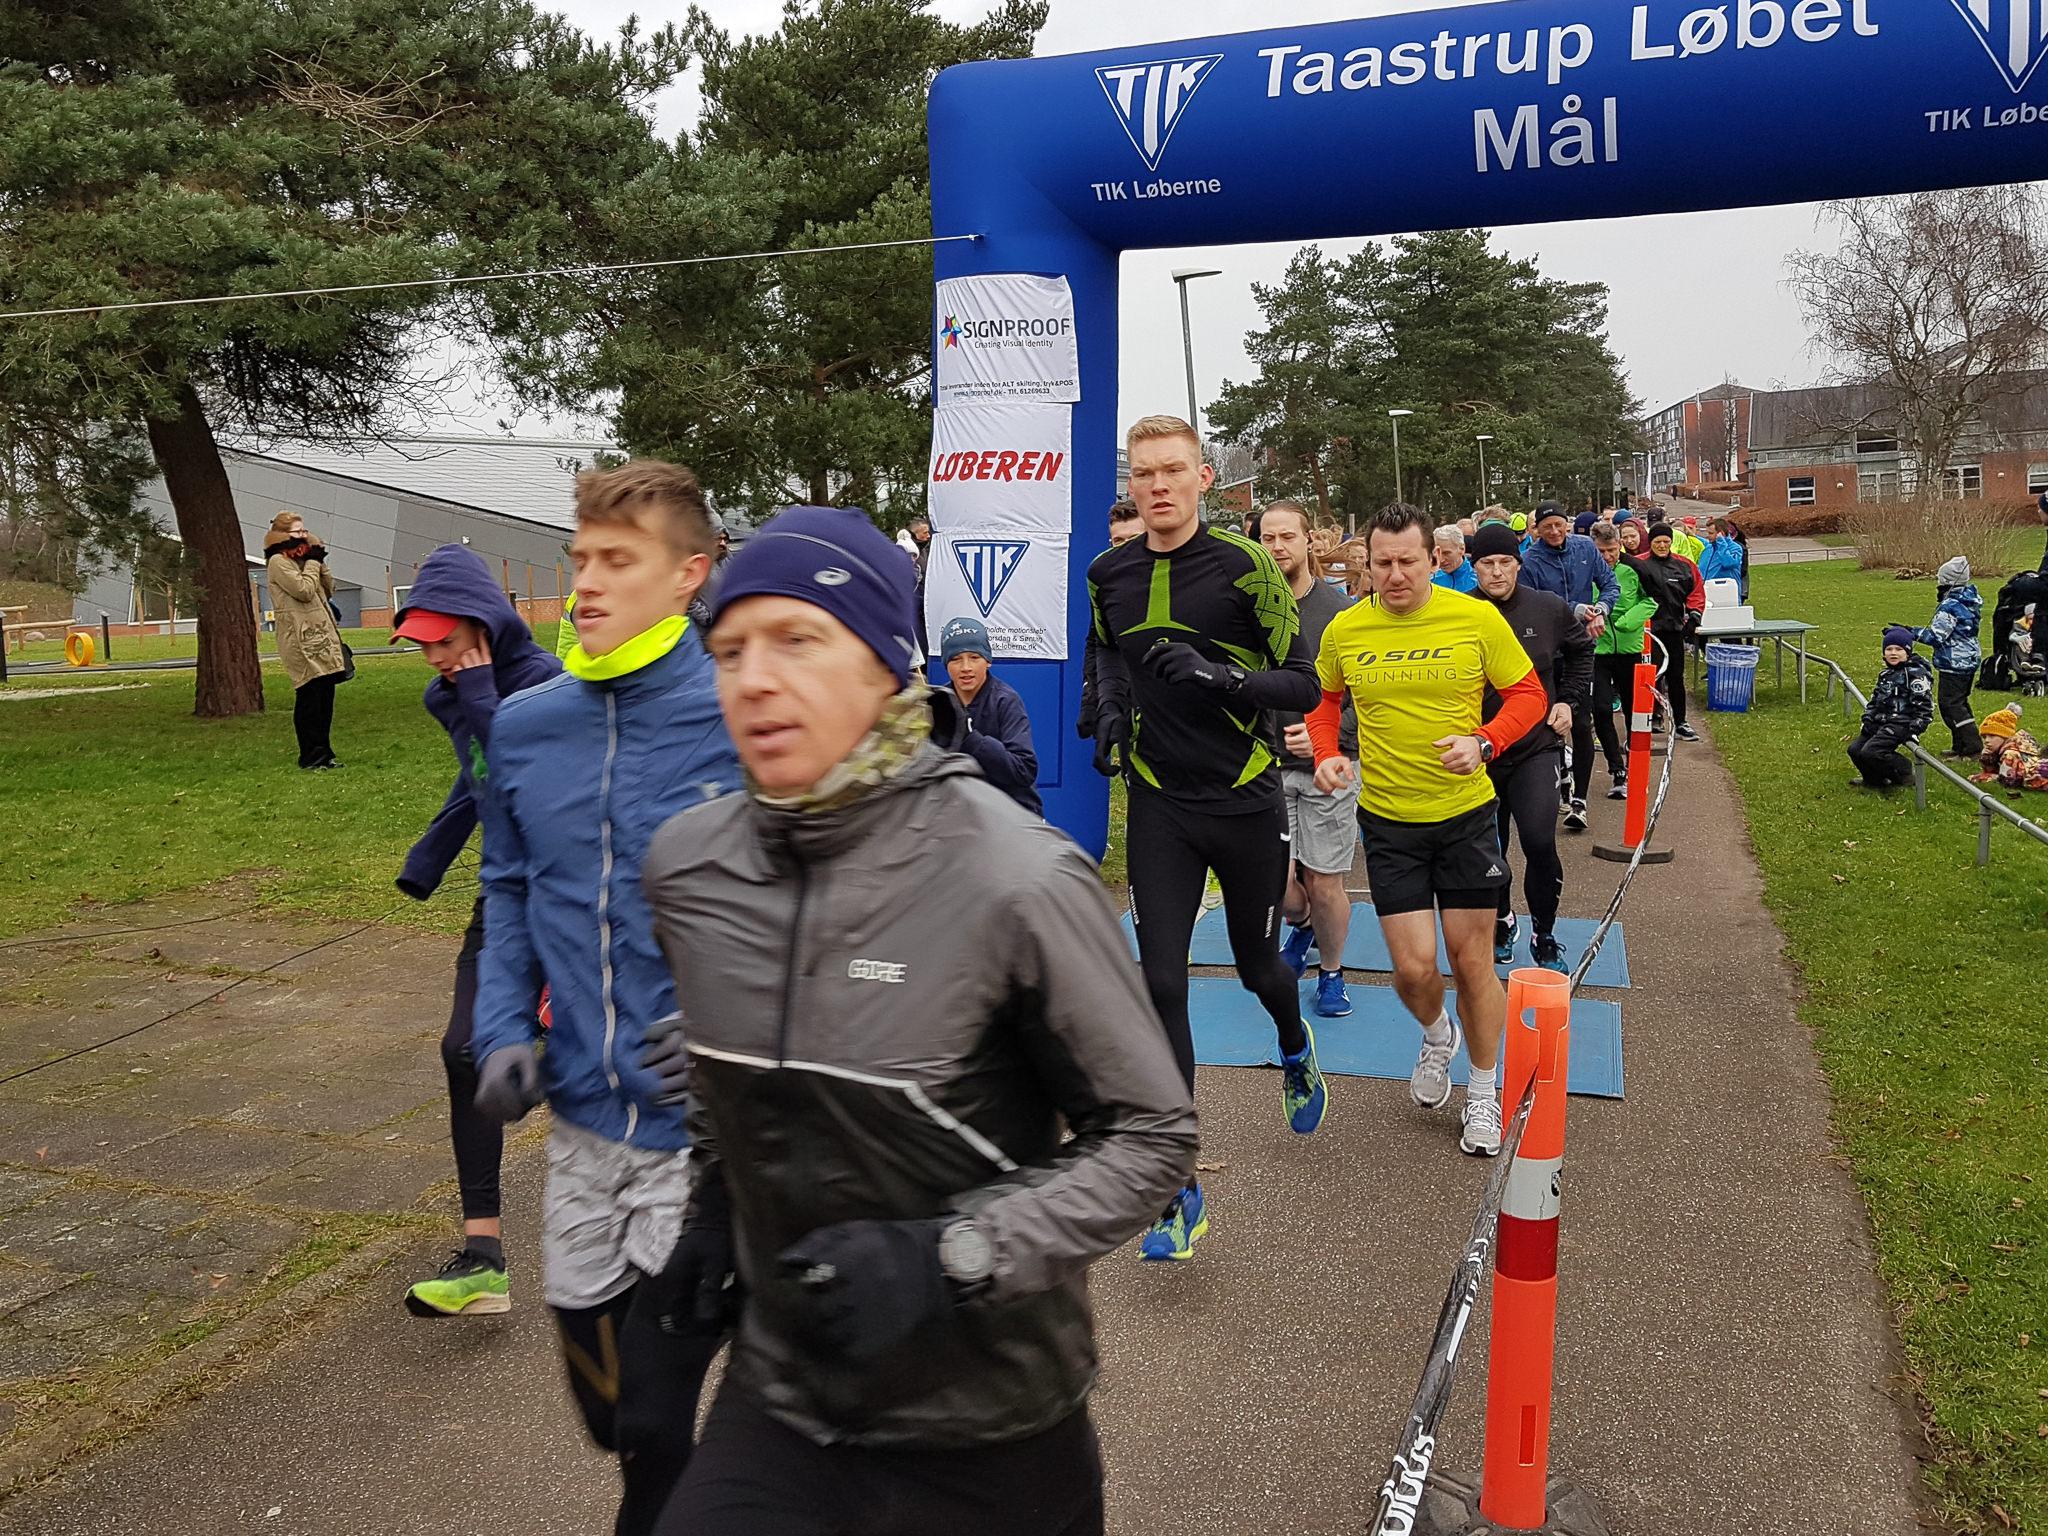 2020-02-09-090-Taastrup-Løbet-2020-02